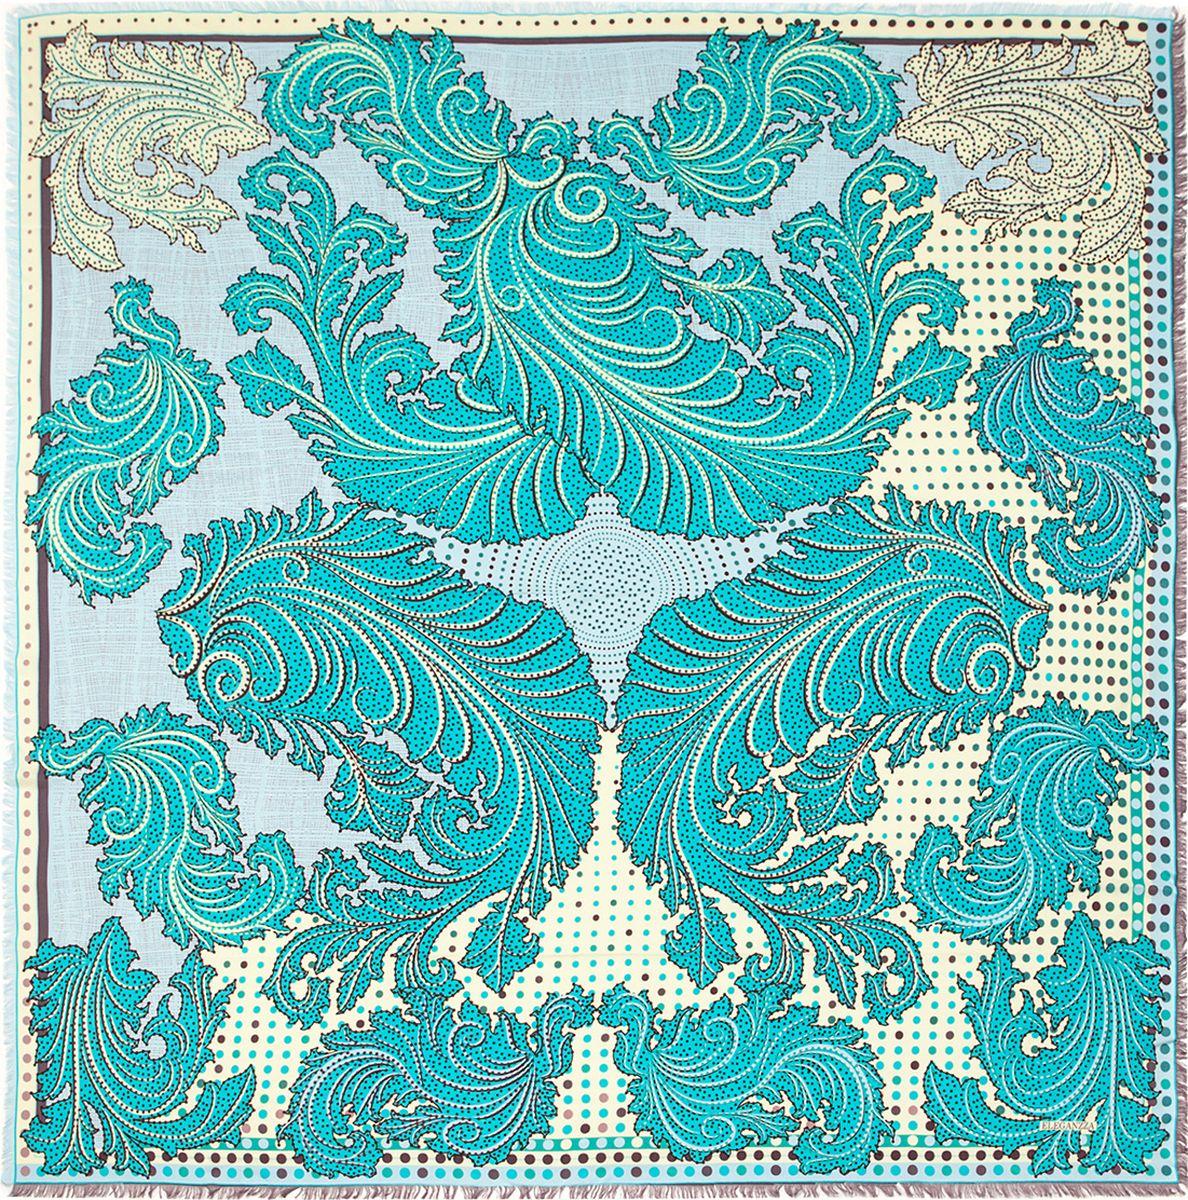 ПлатокD34-1203Платок Eleganzza, выполненный из вискозы и шелка, идеально дополнит образ современной женщины. Модель оформлена принтом с узорами. Классическая квадратная форма позволяет носить платок на шее, украшать им прическу или декорировать сумочку. С таким замечательным аксессуаром вы всегда будете выглядеть женственно и привлекательно.